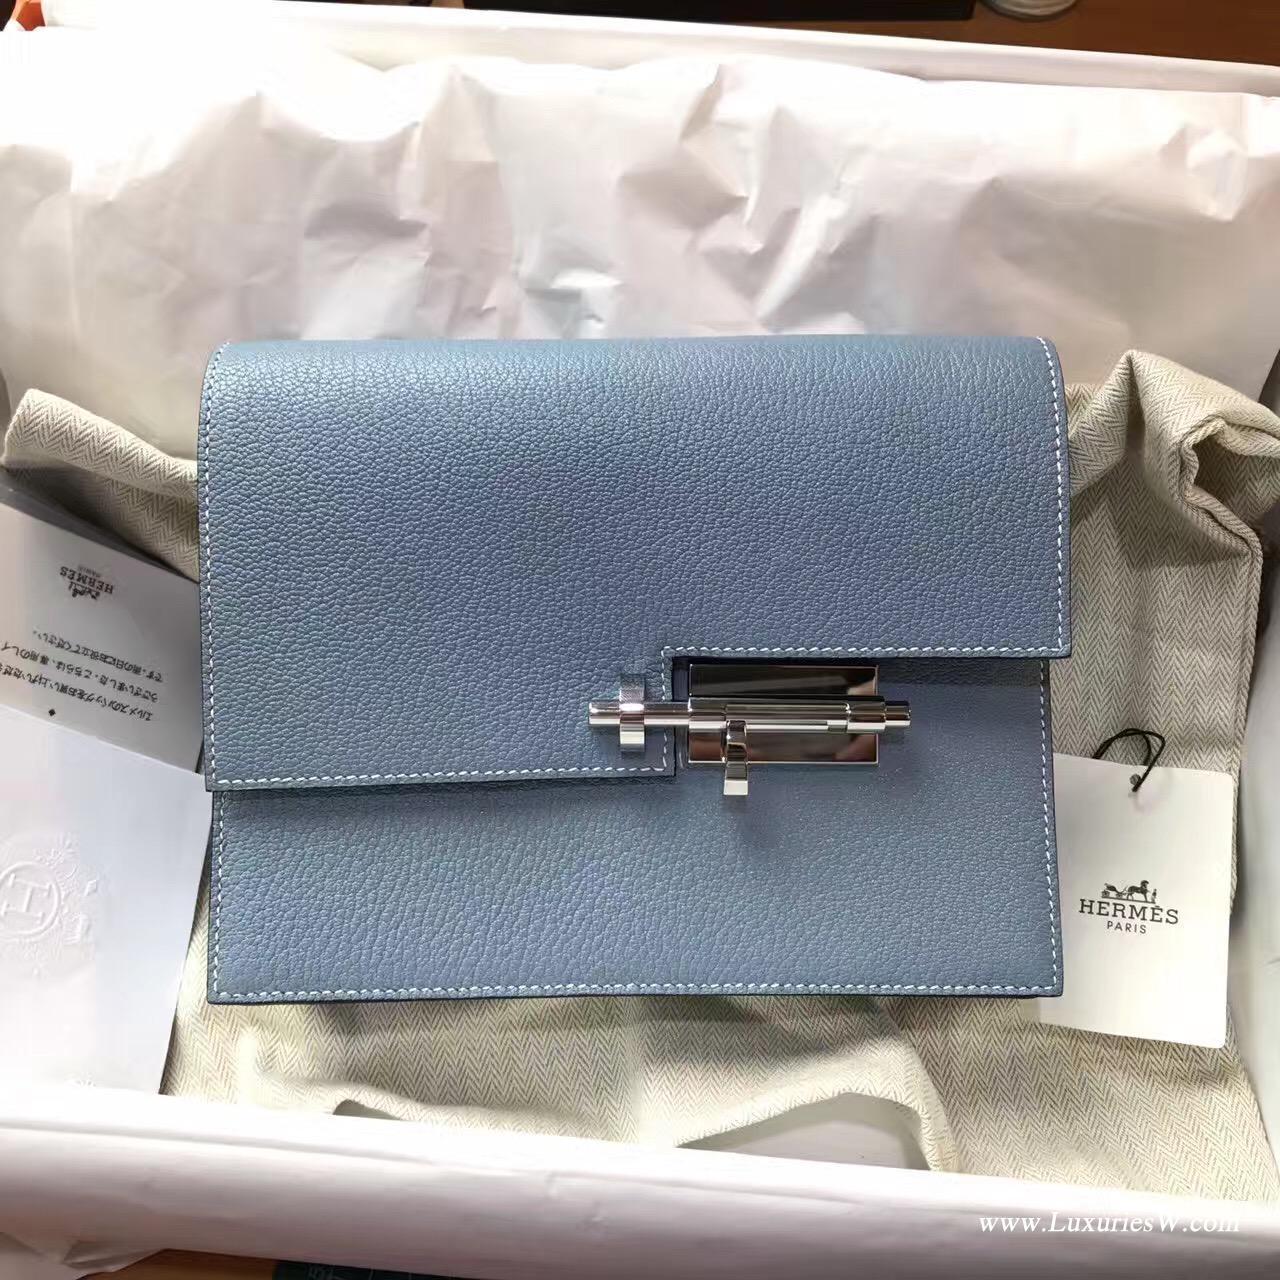 愛馬仕 Herems Verrou Chaine bag 手包最新款手包 J7 Blue Lin亞麻藍算藍色系列